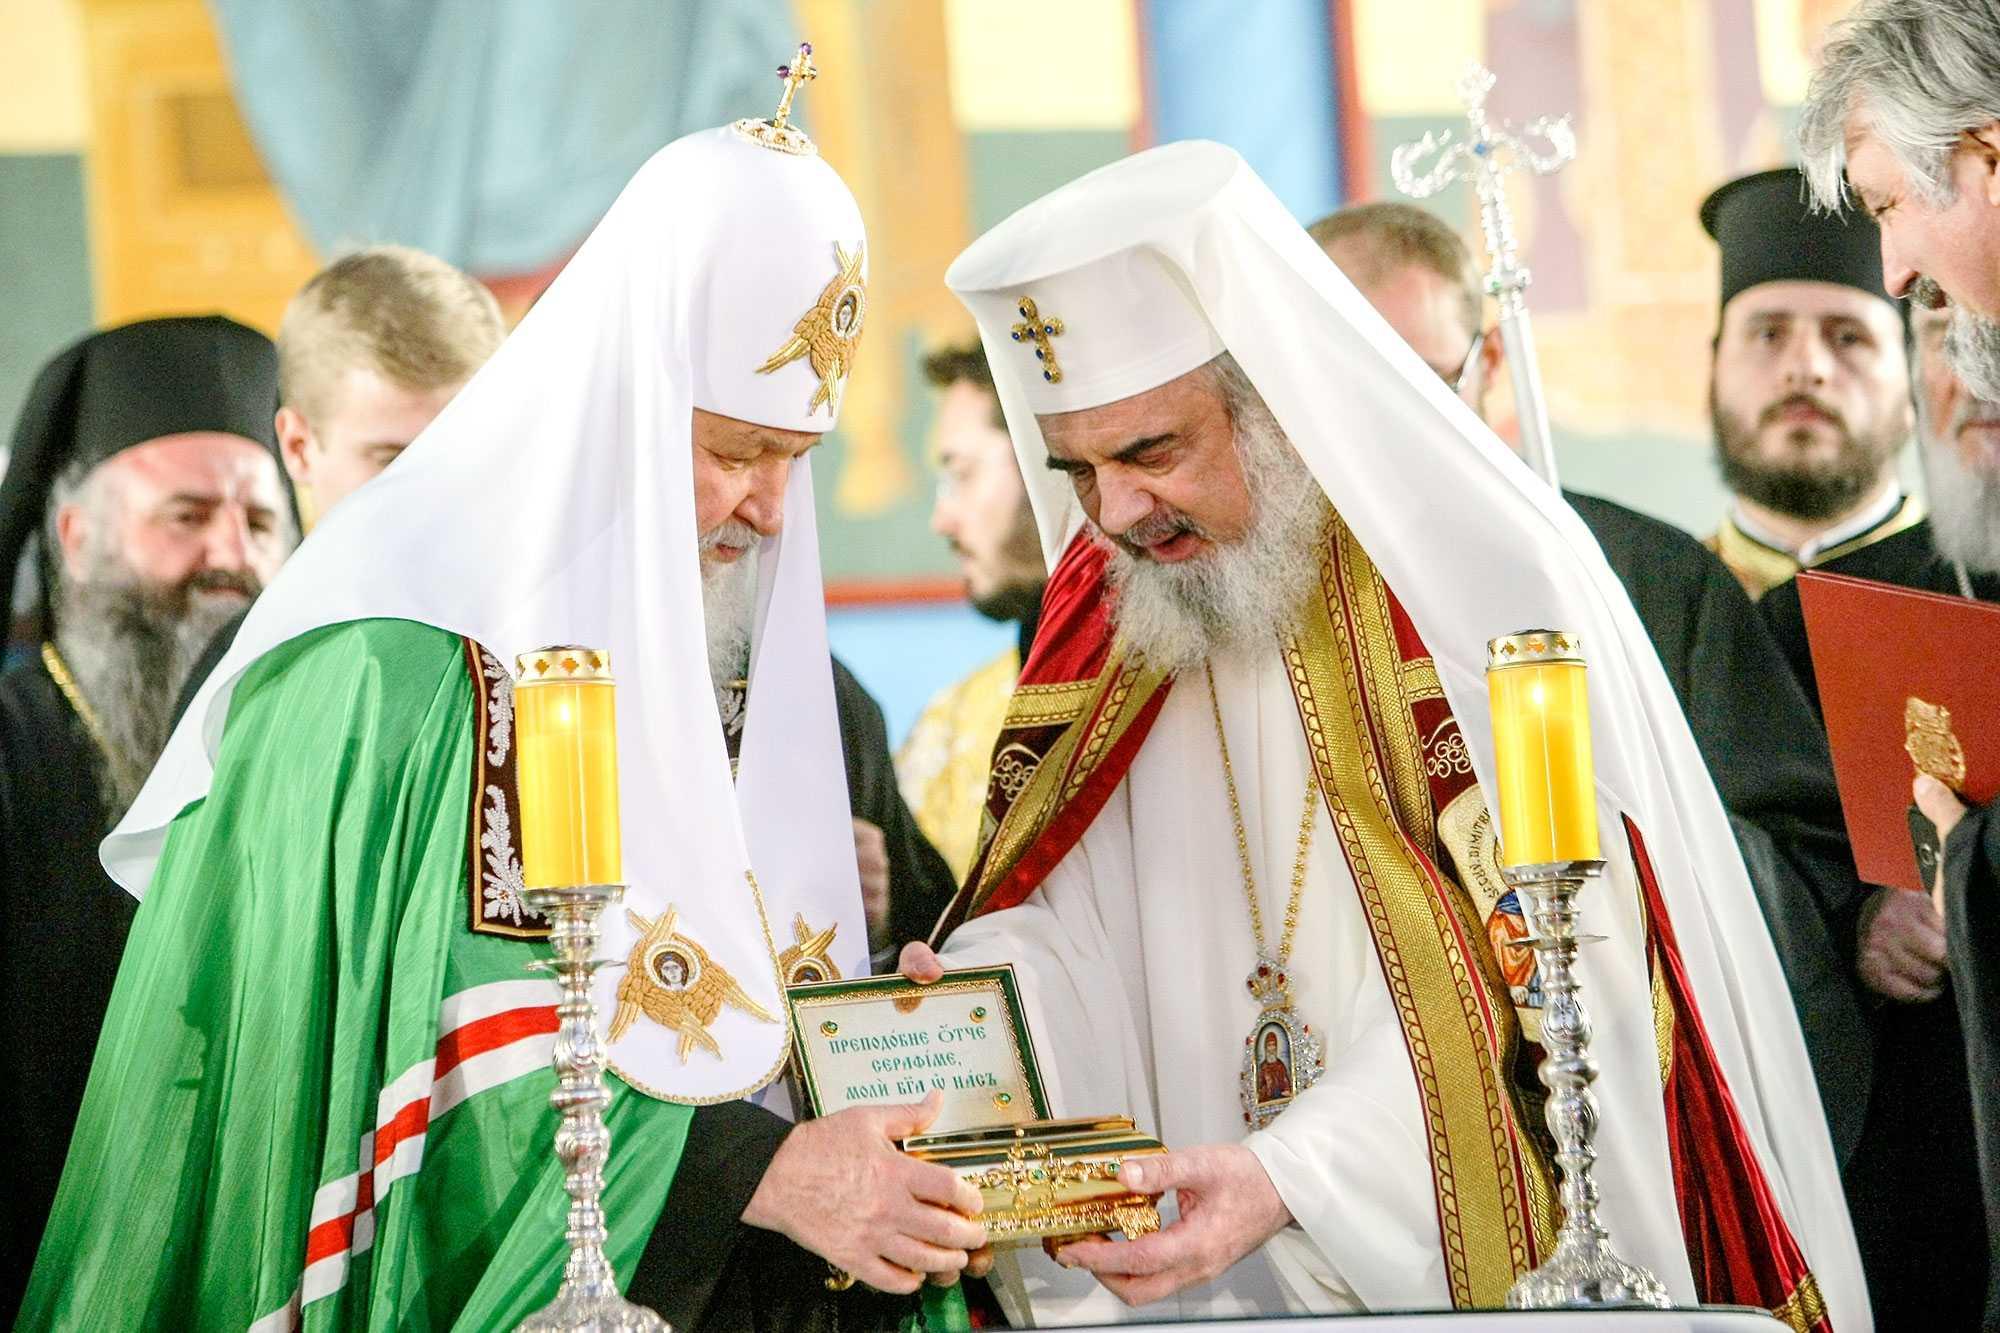 """<i>""""Biserica nu este trecutul!""""</i> – PATRIARHUL CHIRIL, în România, despre MĂRTURISIREA CREDINȚEI DUPĂ MODELUL MUCENICILOR DIN COMUNISM, într-o vreme care """"nu este mai puţin complicată decât aceea din timpul prigoanelor"""": <i>""""DE LA EI ÎNVĂȚĂM SĂ NU ÎL TRĂDĂM PE HRISTOS, SĂ ÎI FIM FIDELI ȘI LA BUCURIE ȘI LA NECAZ, iar aceasta va fi cea mai bună pomenire a martirilor secolului XX!""""</i> (VIDEO, TEXT)"""